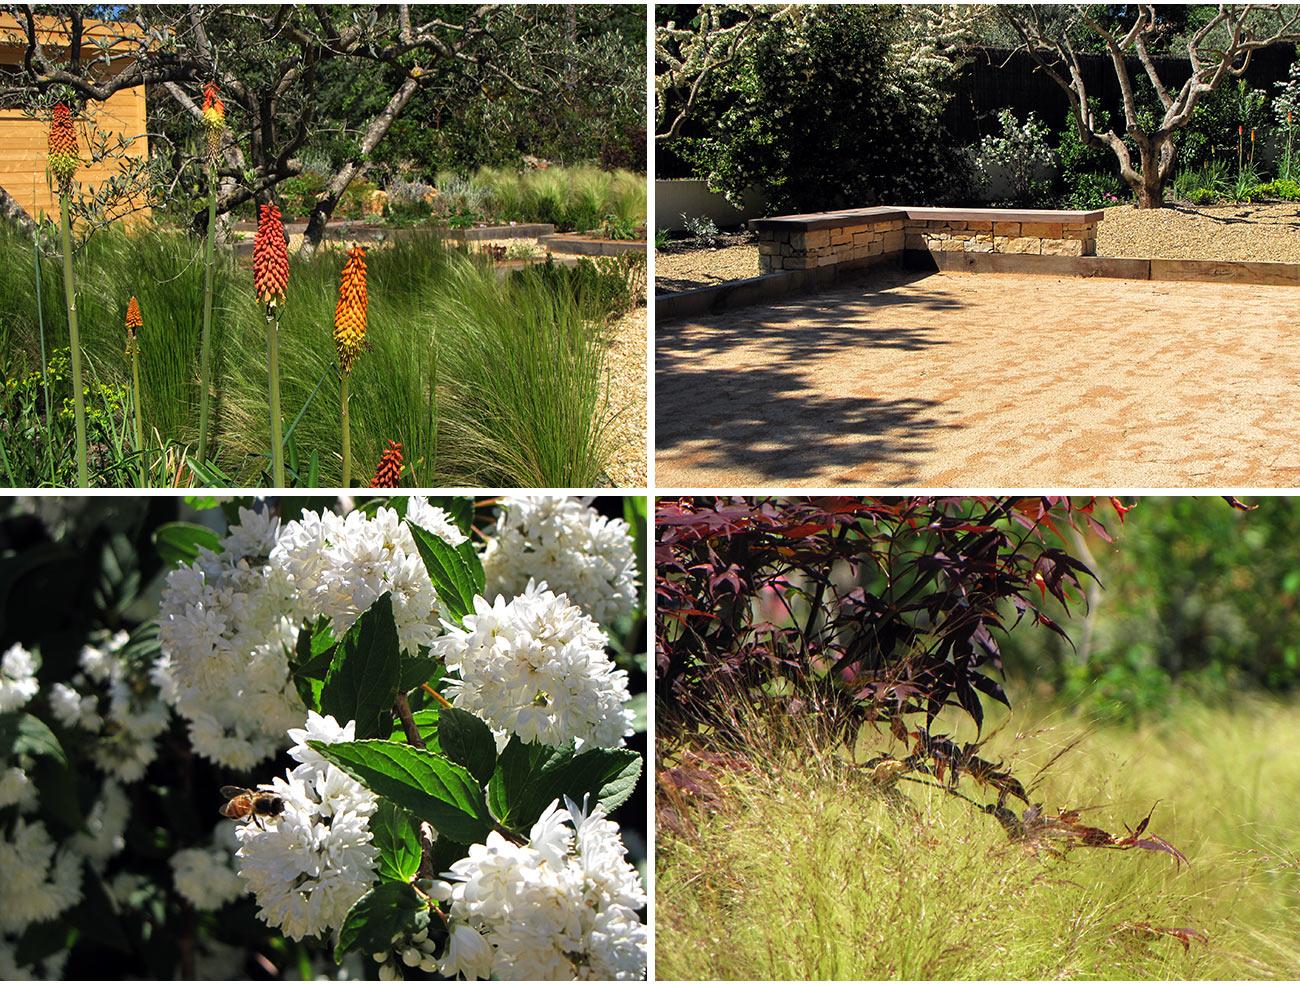 Atelier Naudier - Architecte paysagiste concepteur - Montpellier & Aix en Provence - Jardin naturel contemporain - BANC - aménagement jardin - FRANCE 3 IN SiTU